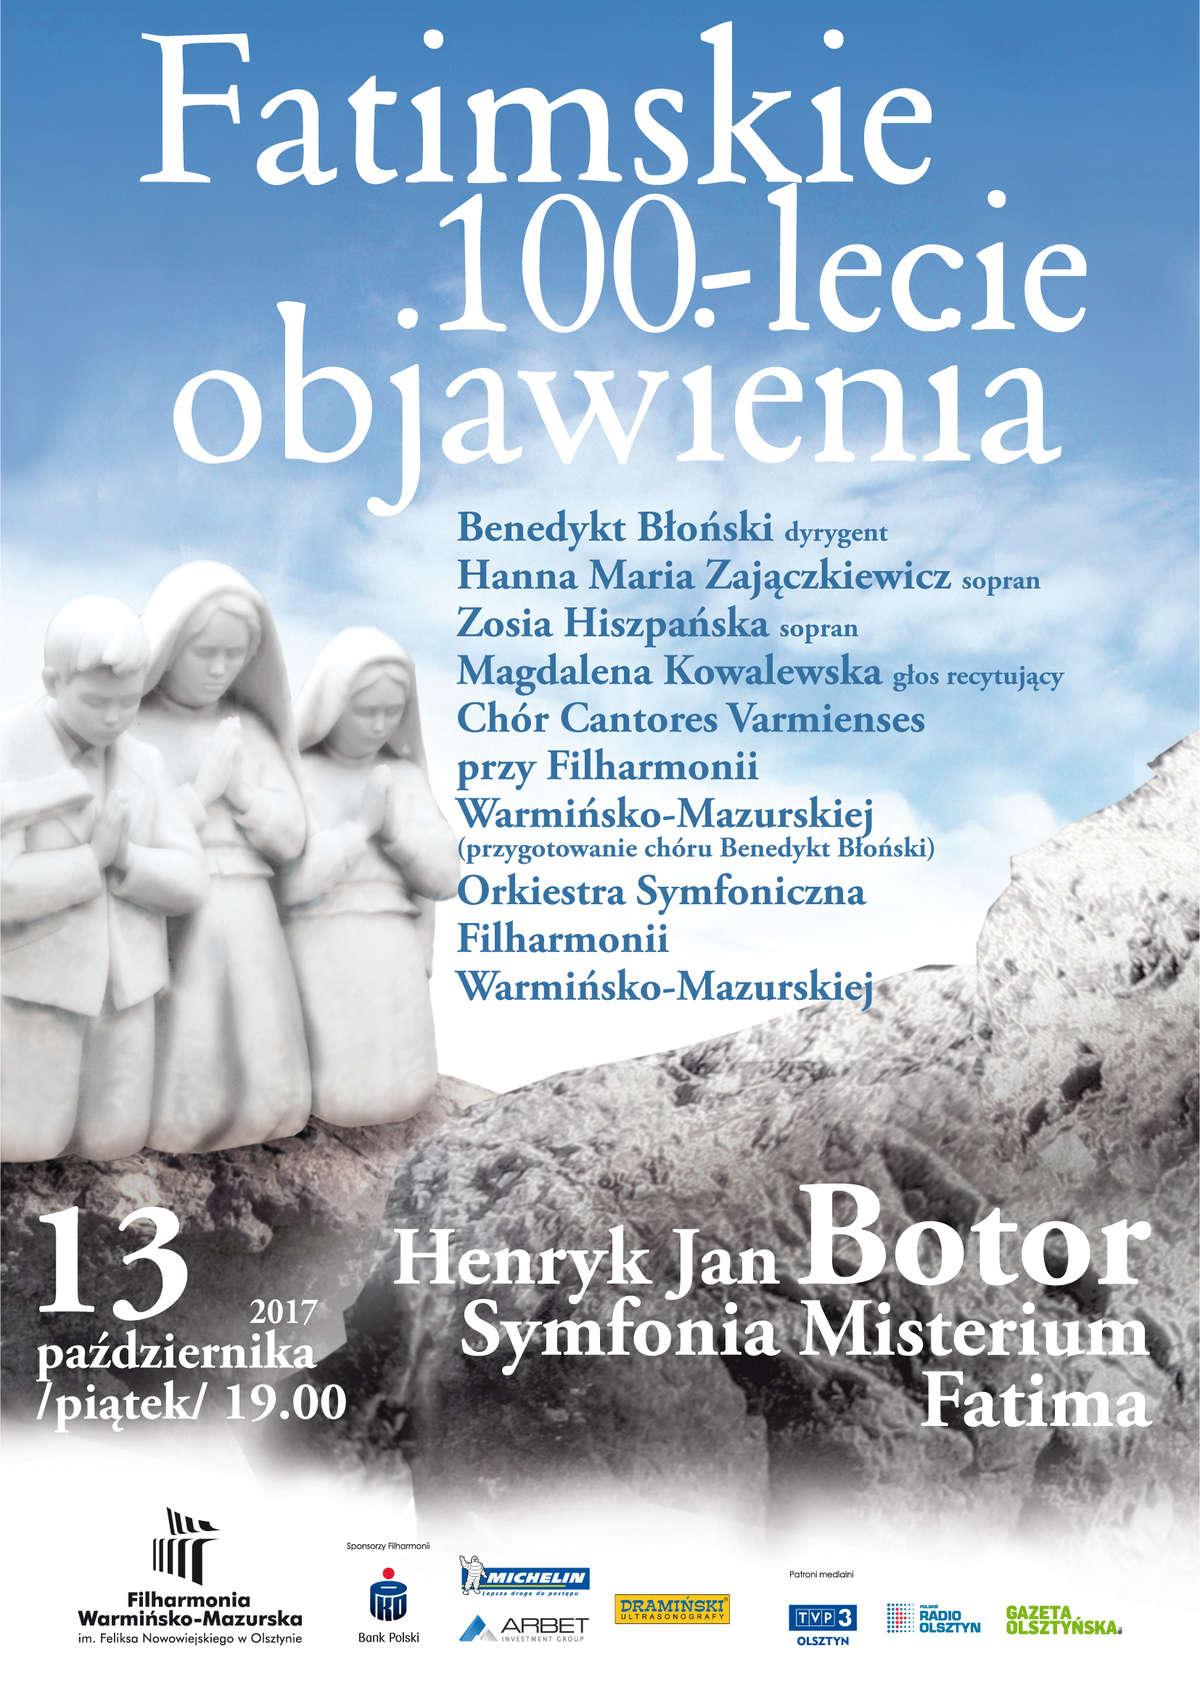 Koncert w 100 – lecie fatimskiego objawienia - full image